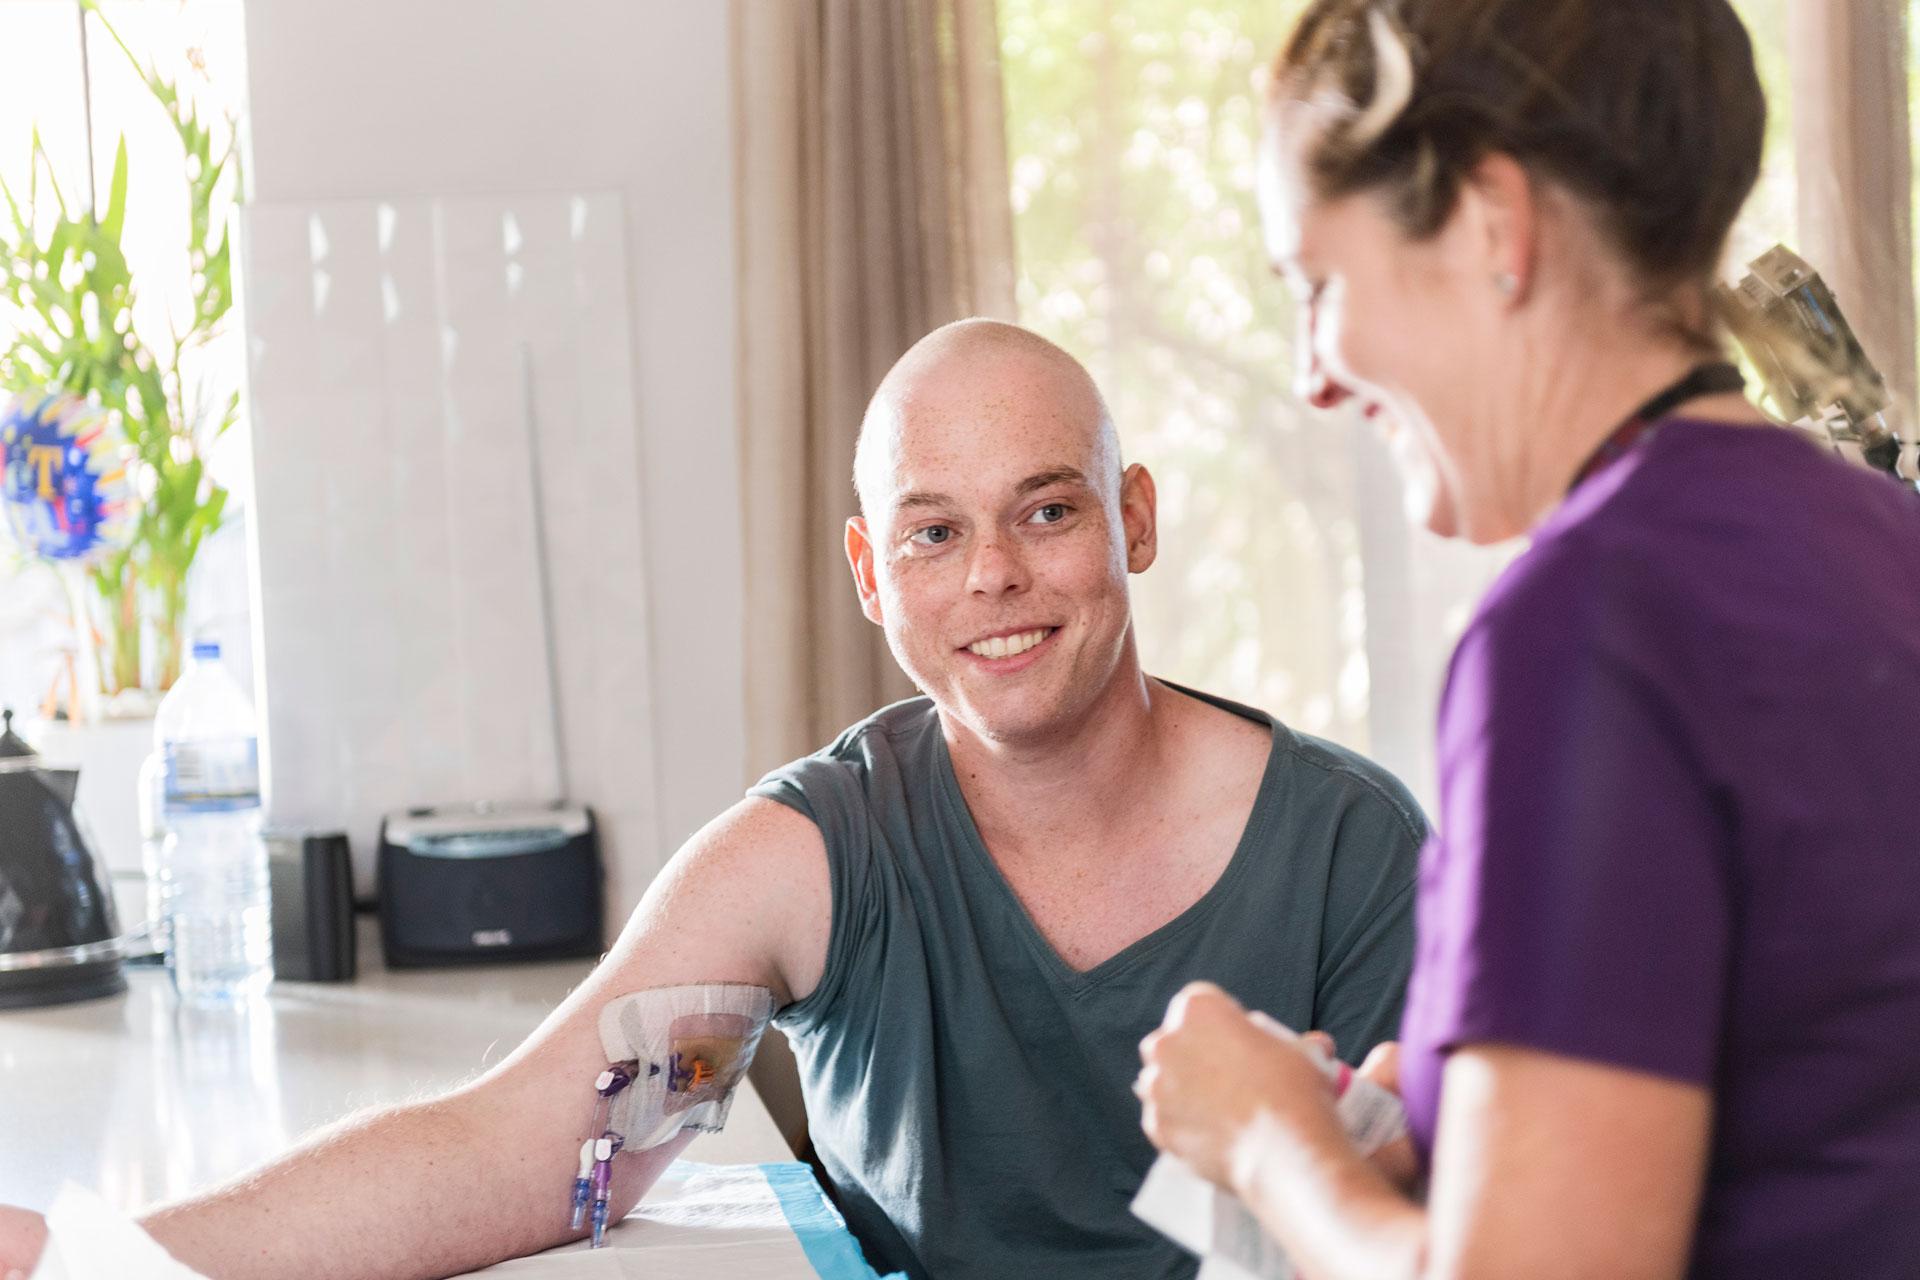 http://taghzie.ir/diet/diet-for-disease/cancer-diet